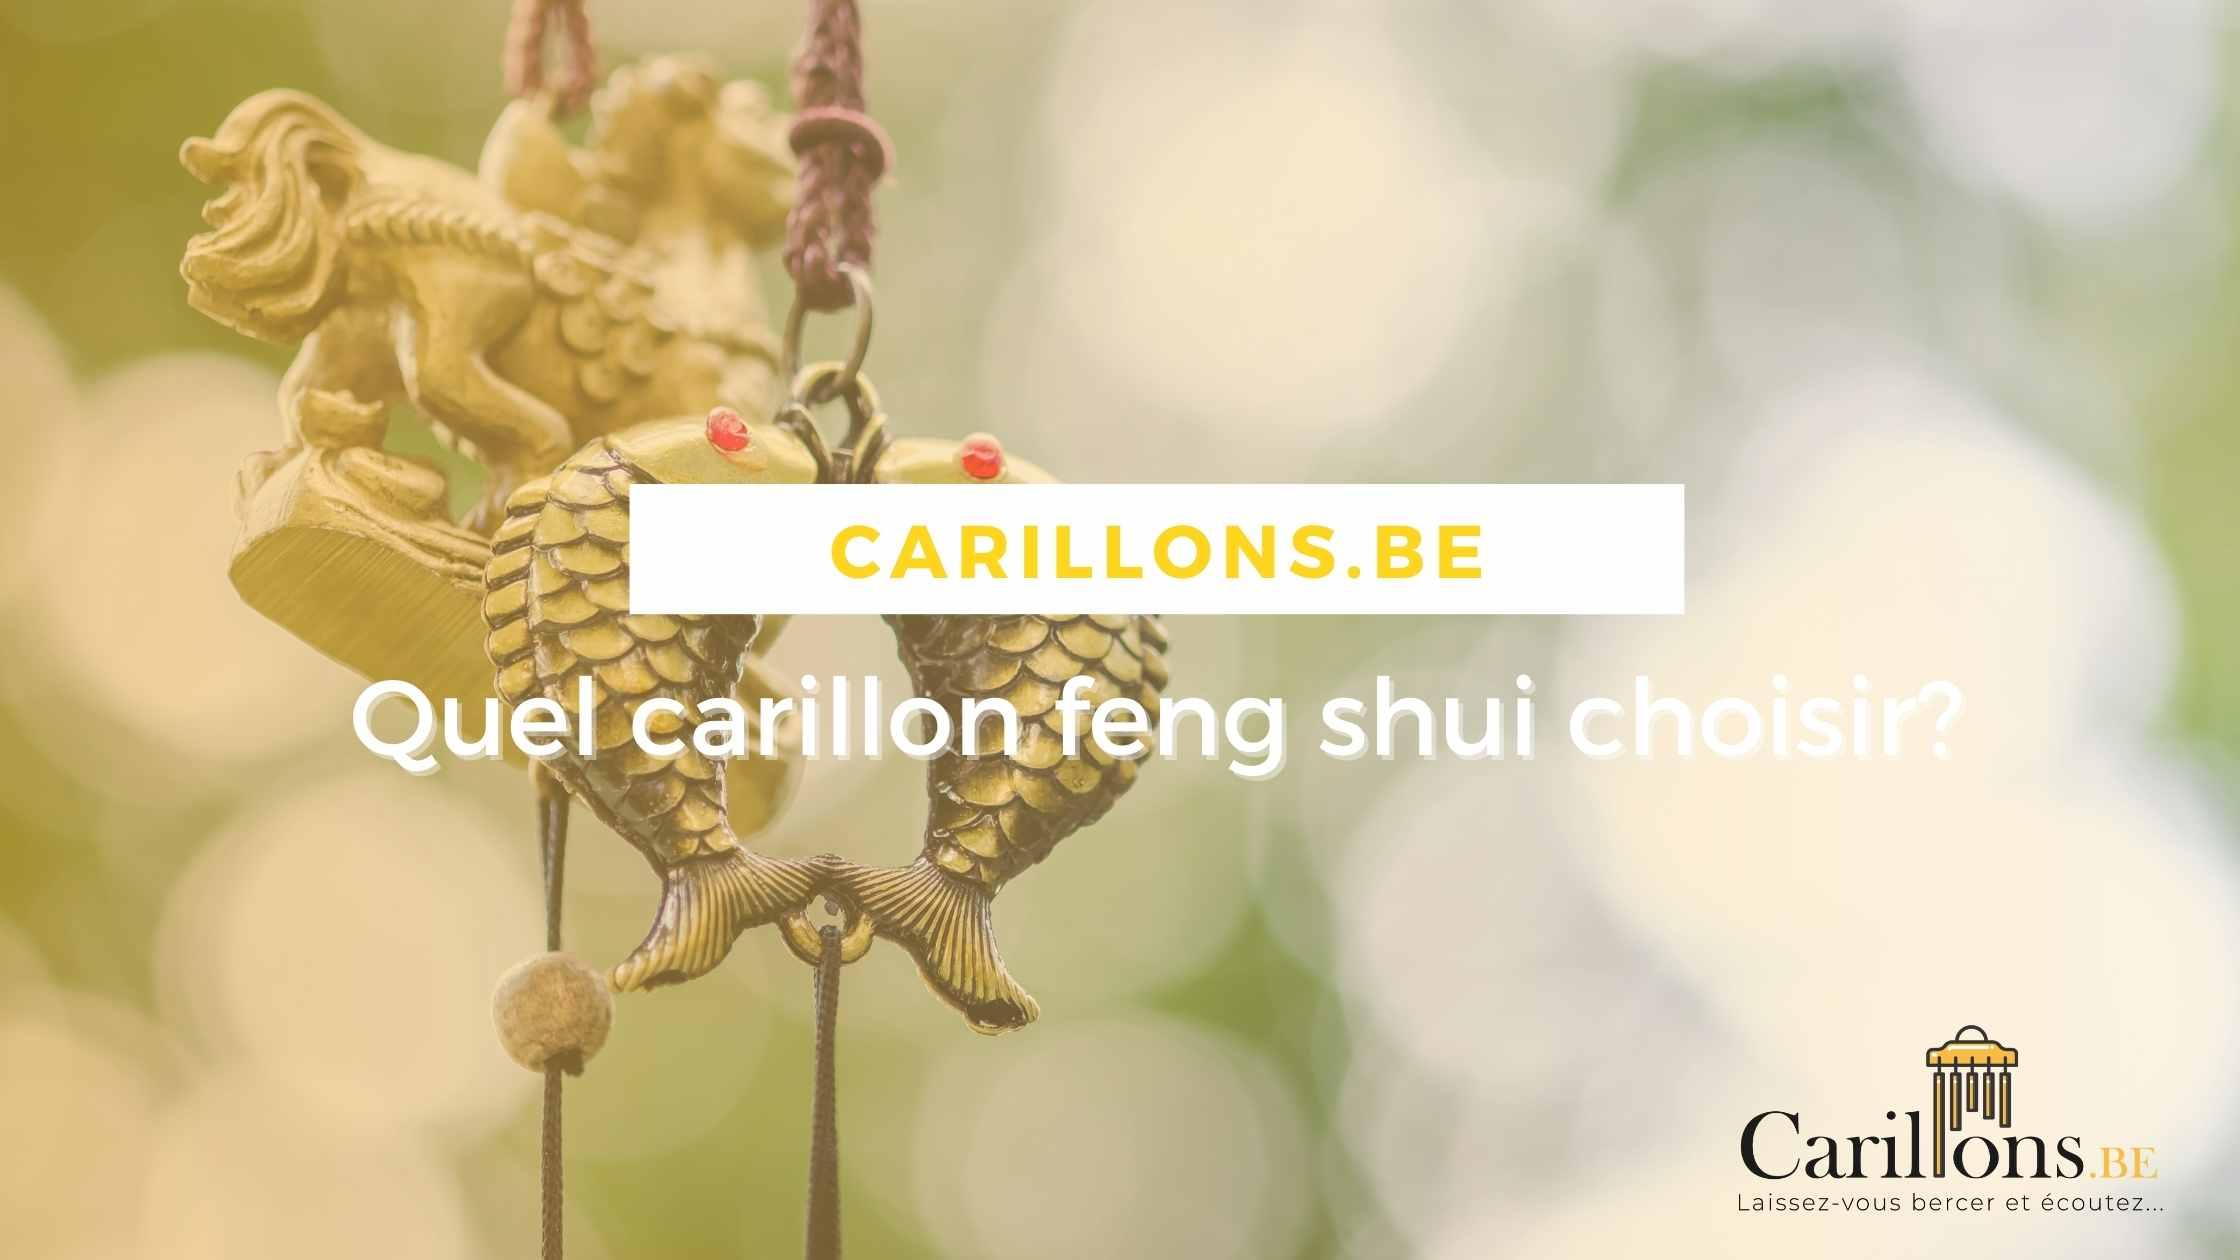 Quel carillon feng shui choisir?